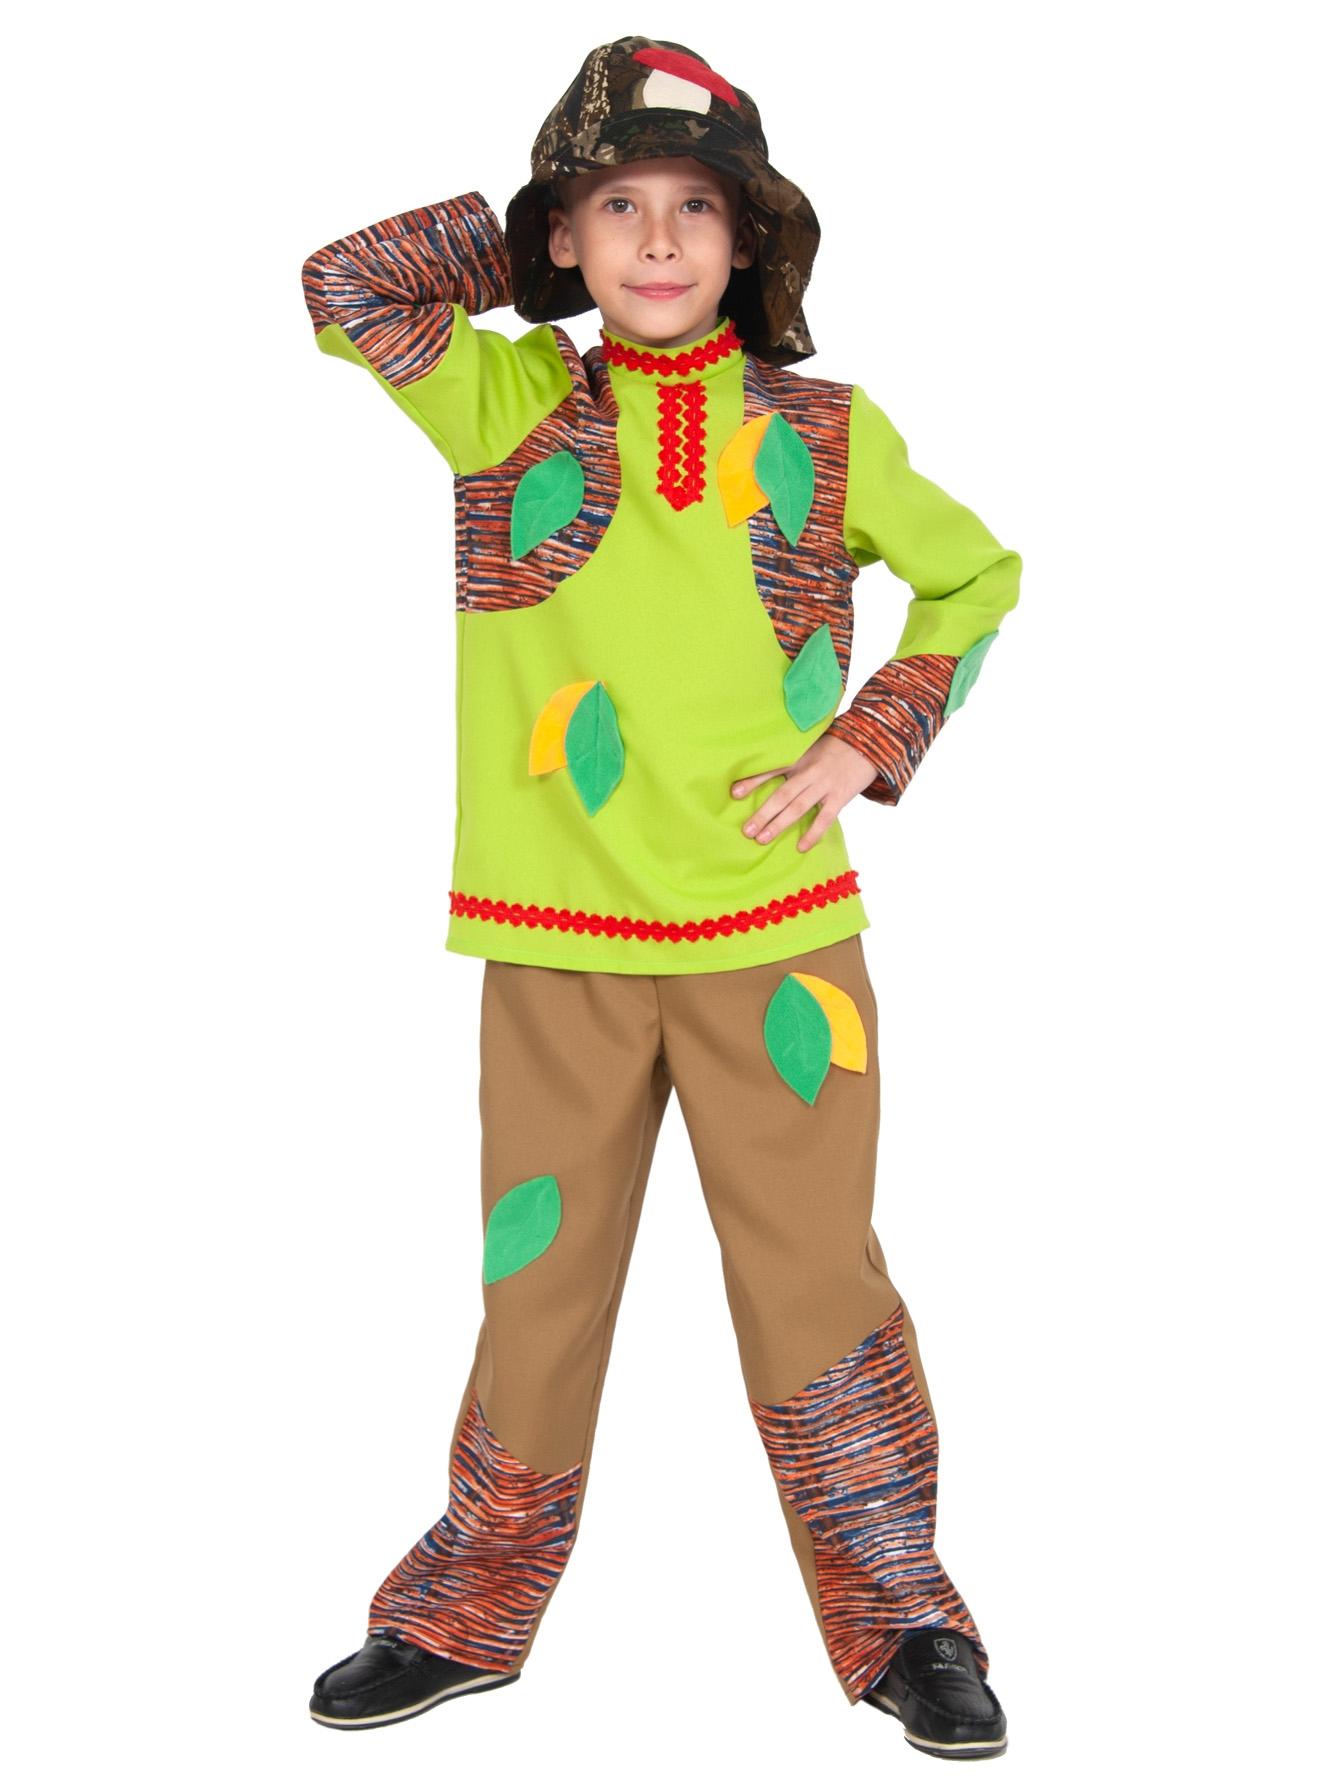 Купить Карнавальный костюм Леший-лесовик размер: 30-32, Карнавалофф,